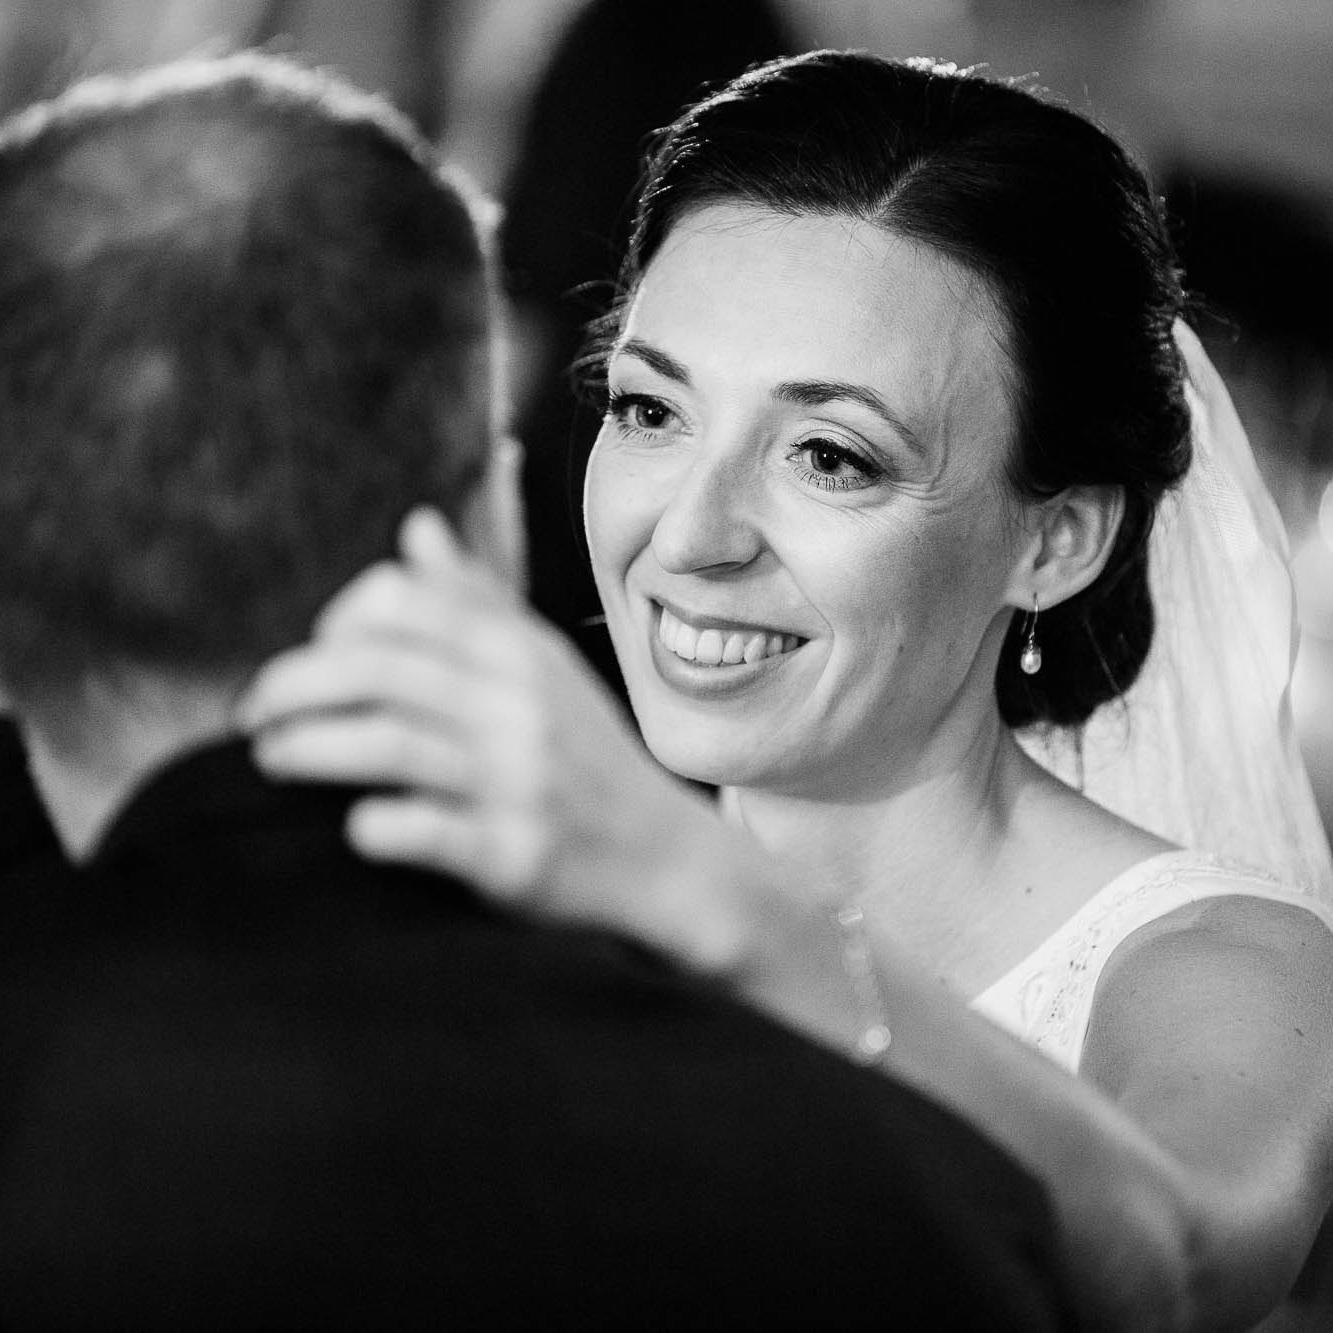 Naturlige billeder - Jeg har fokus på at give jer naturlige billeder fra jeres bryllupsdag. Sammen skaber vi en afslappet stemning, hvor I kan være jer selv foran kameraet. Her er ingen stive smil og mærkelige poseringer. Sammen skaber vi ægte nærvær, hvor jeres kærlighed kan ses og føles! Det er de billeder man har lyst til at se om 10 år også!